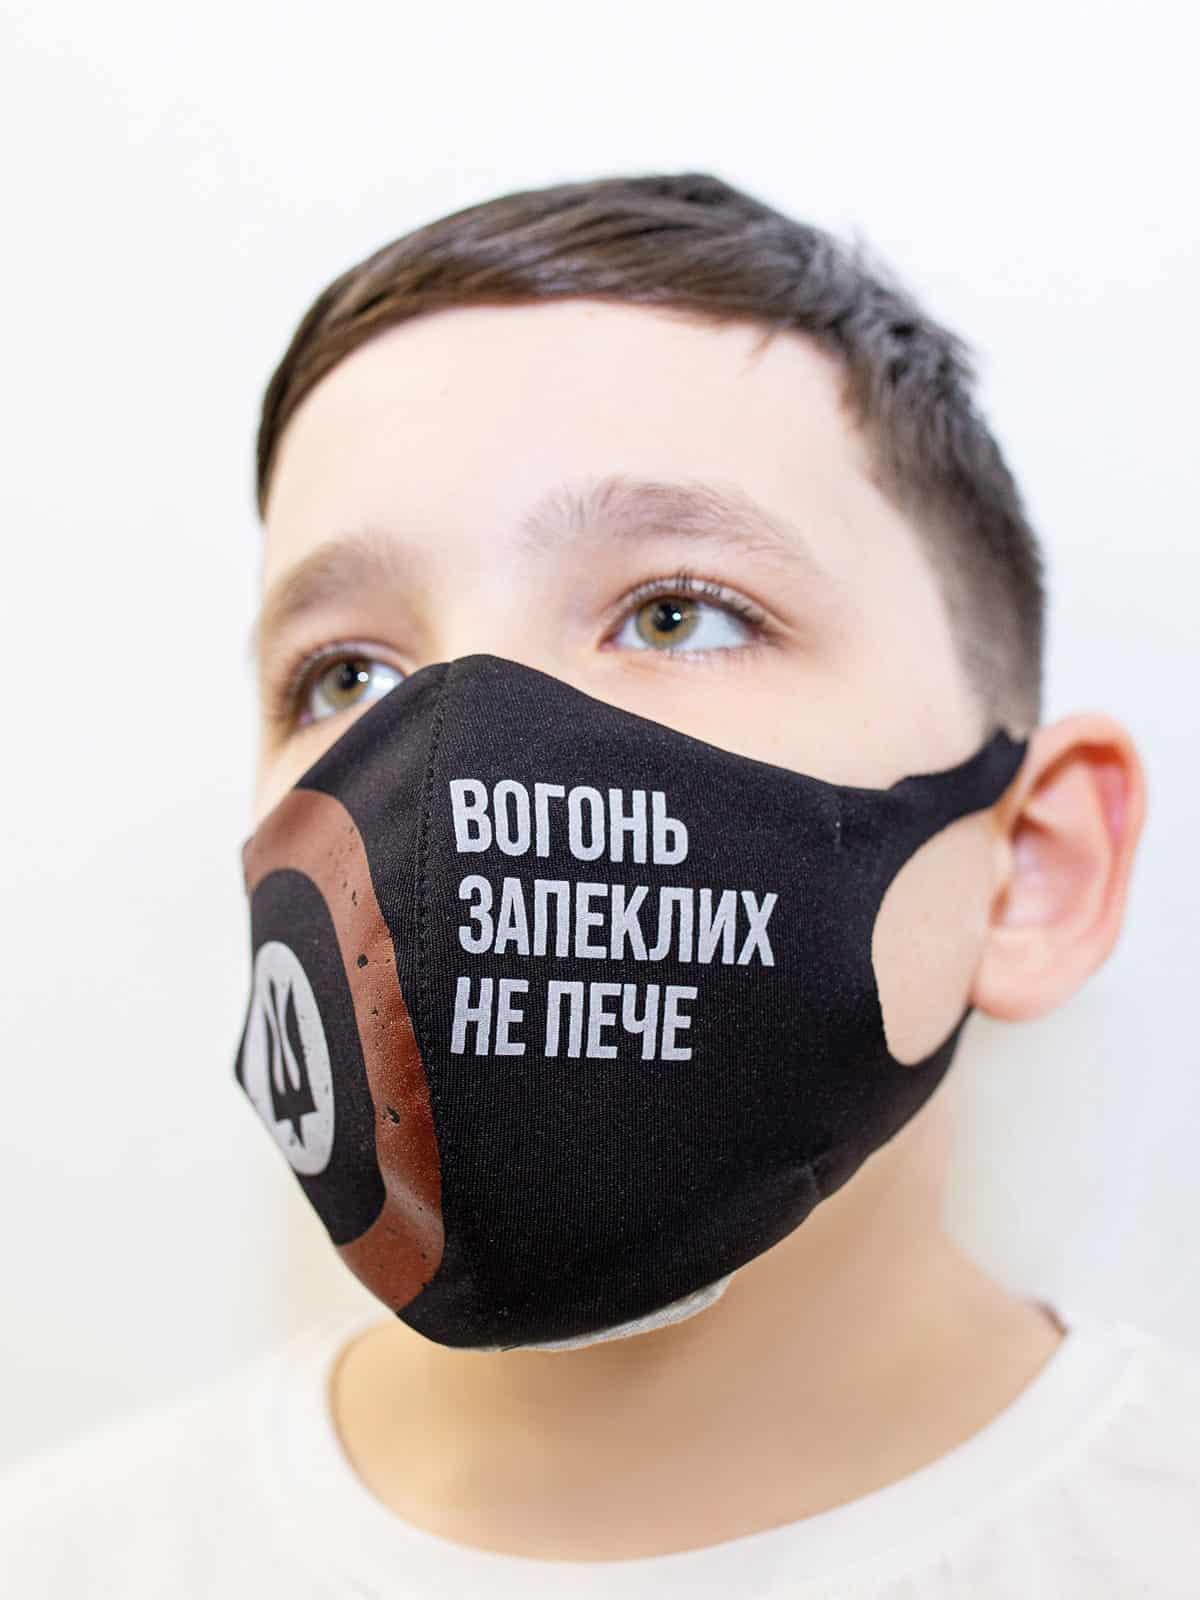 Дитяча Маска Тризуб. Колір чорний.  Незалежно від суми покупки на цей вид товару безкоштовна доставка не діє.